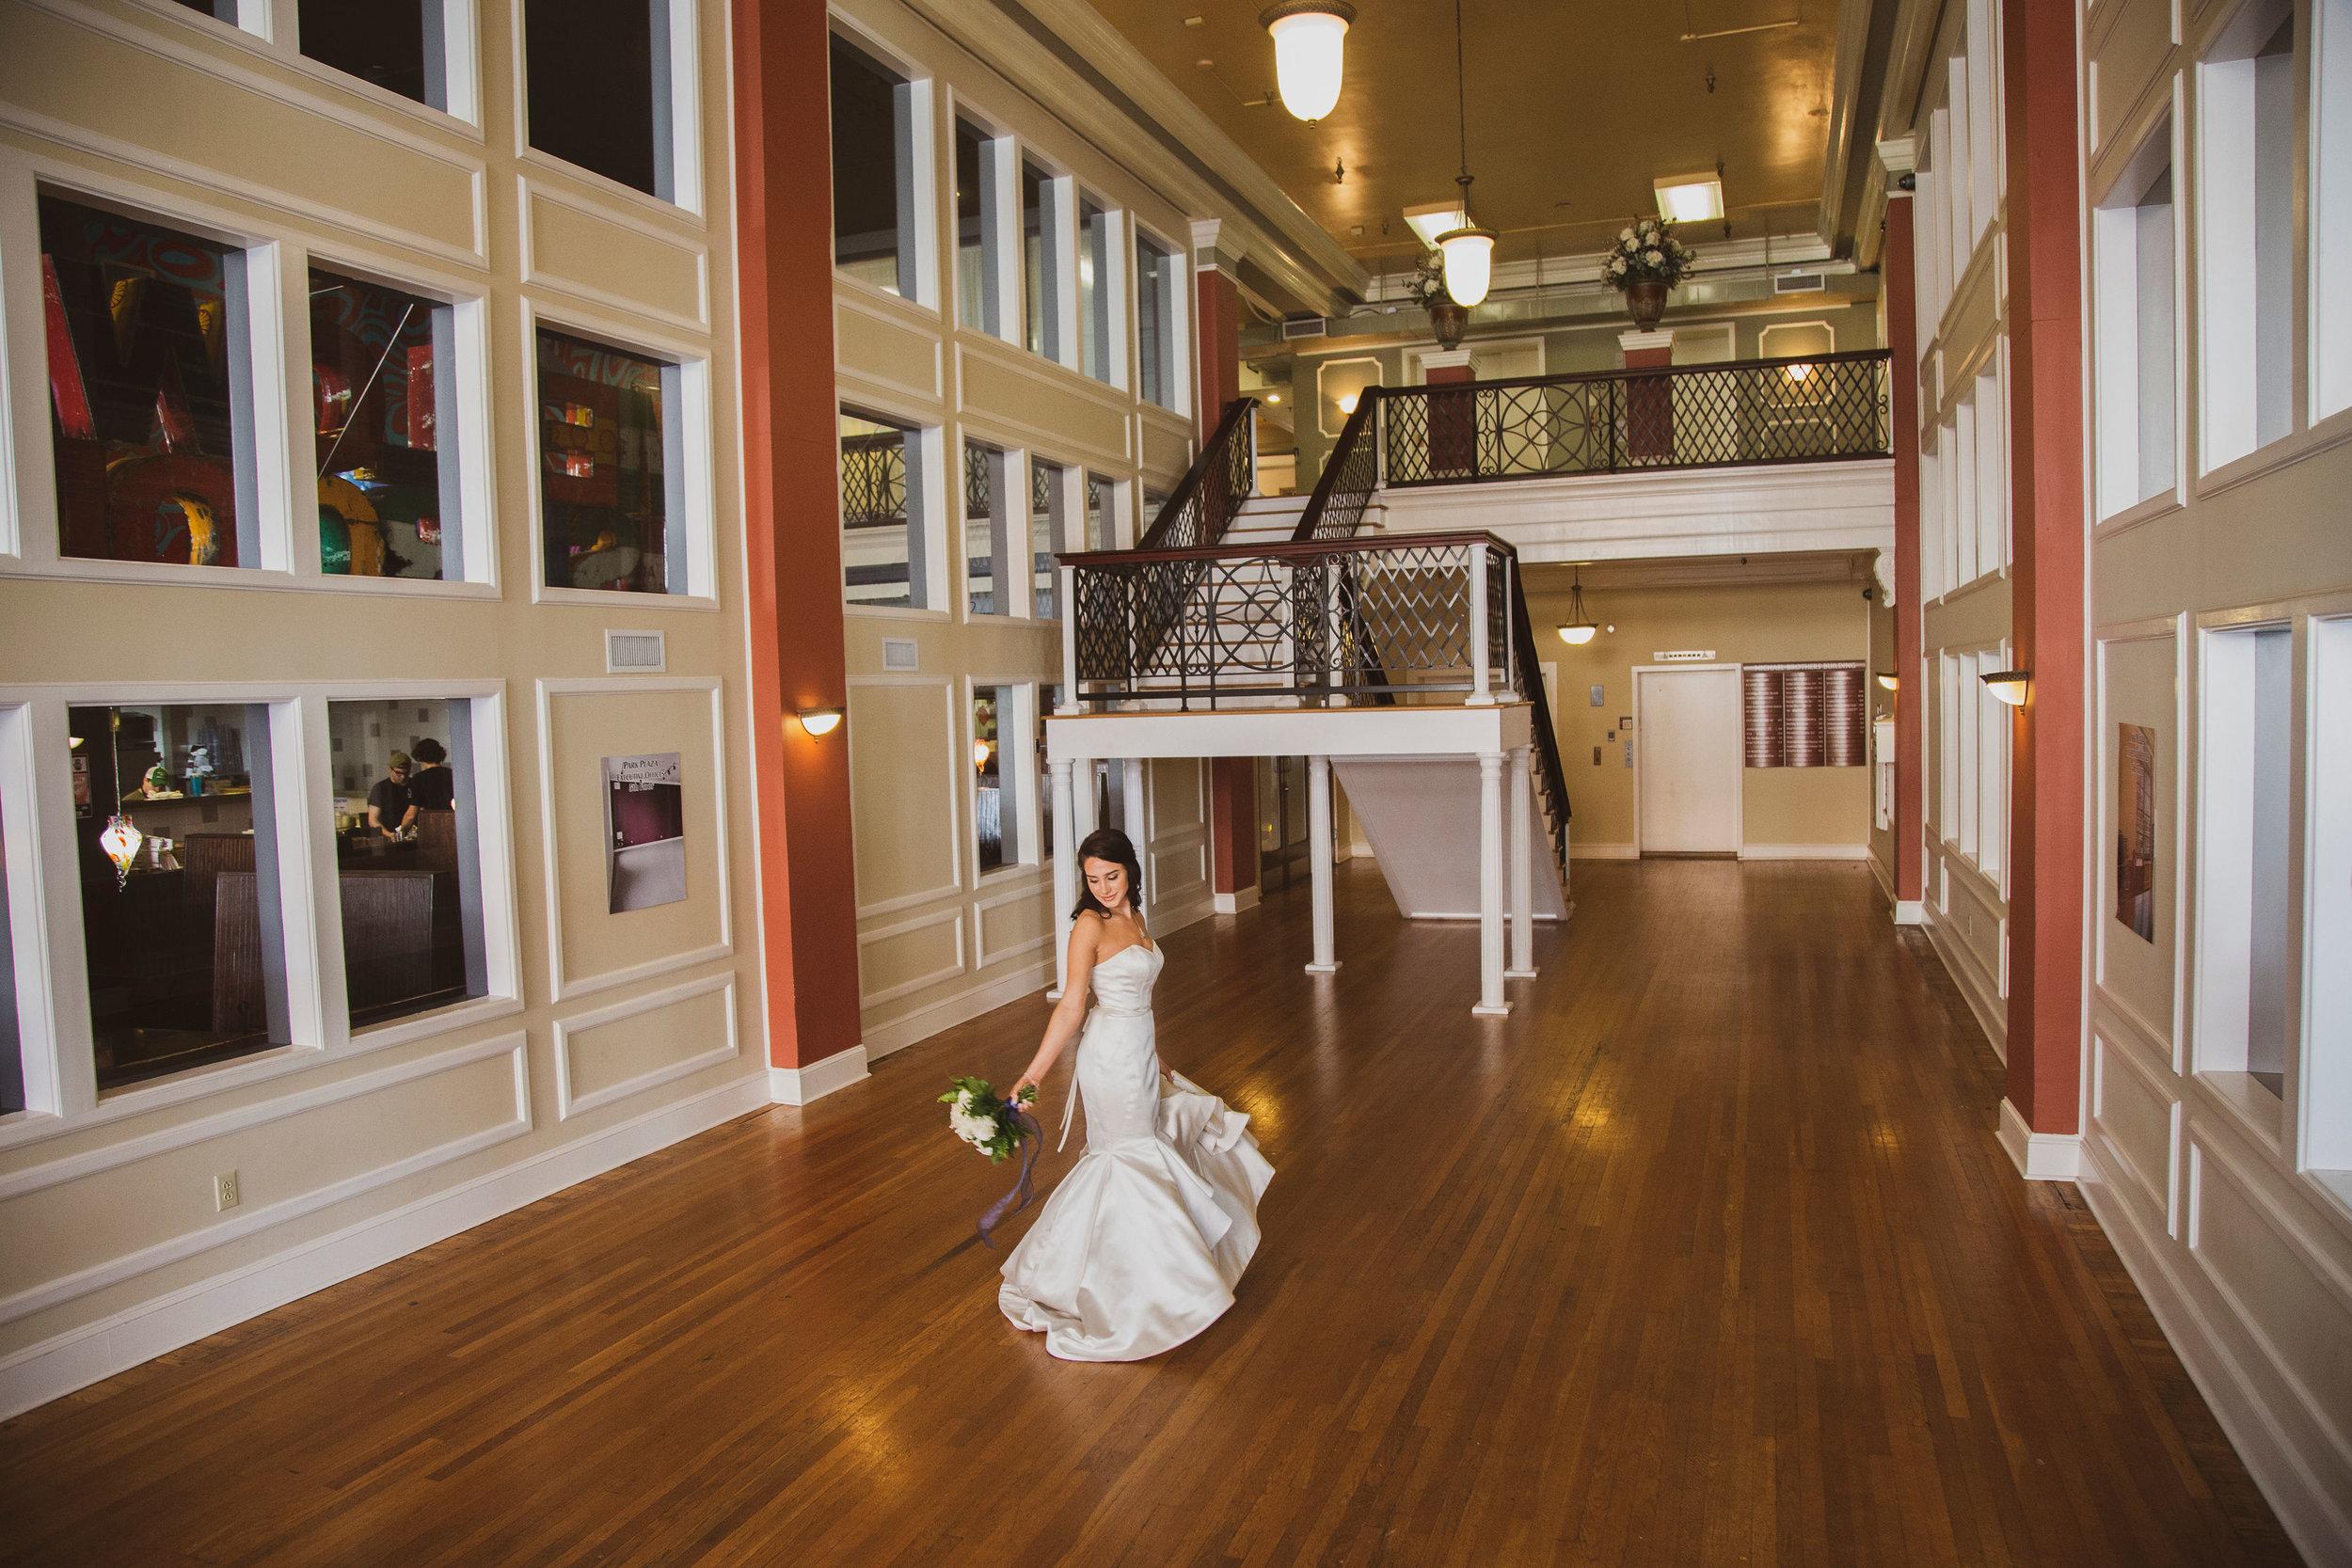 The Mezzanine Grand Lobby Staircase